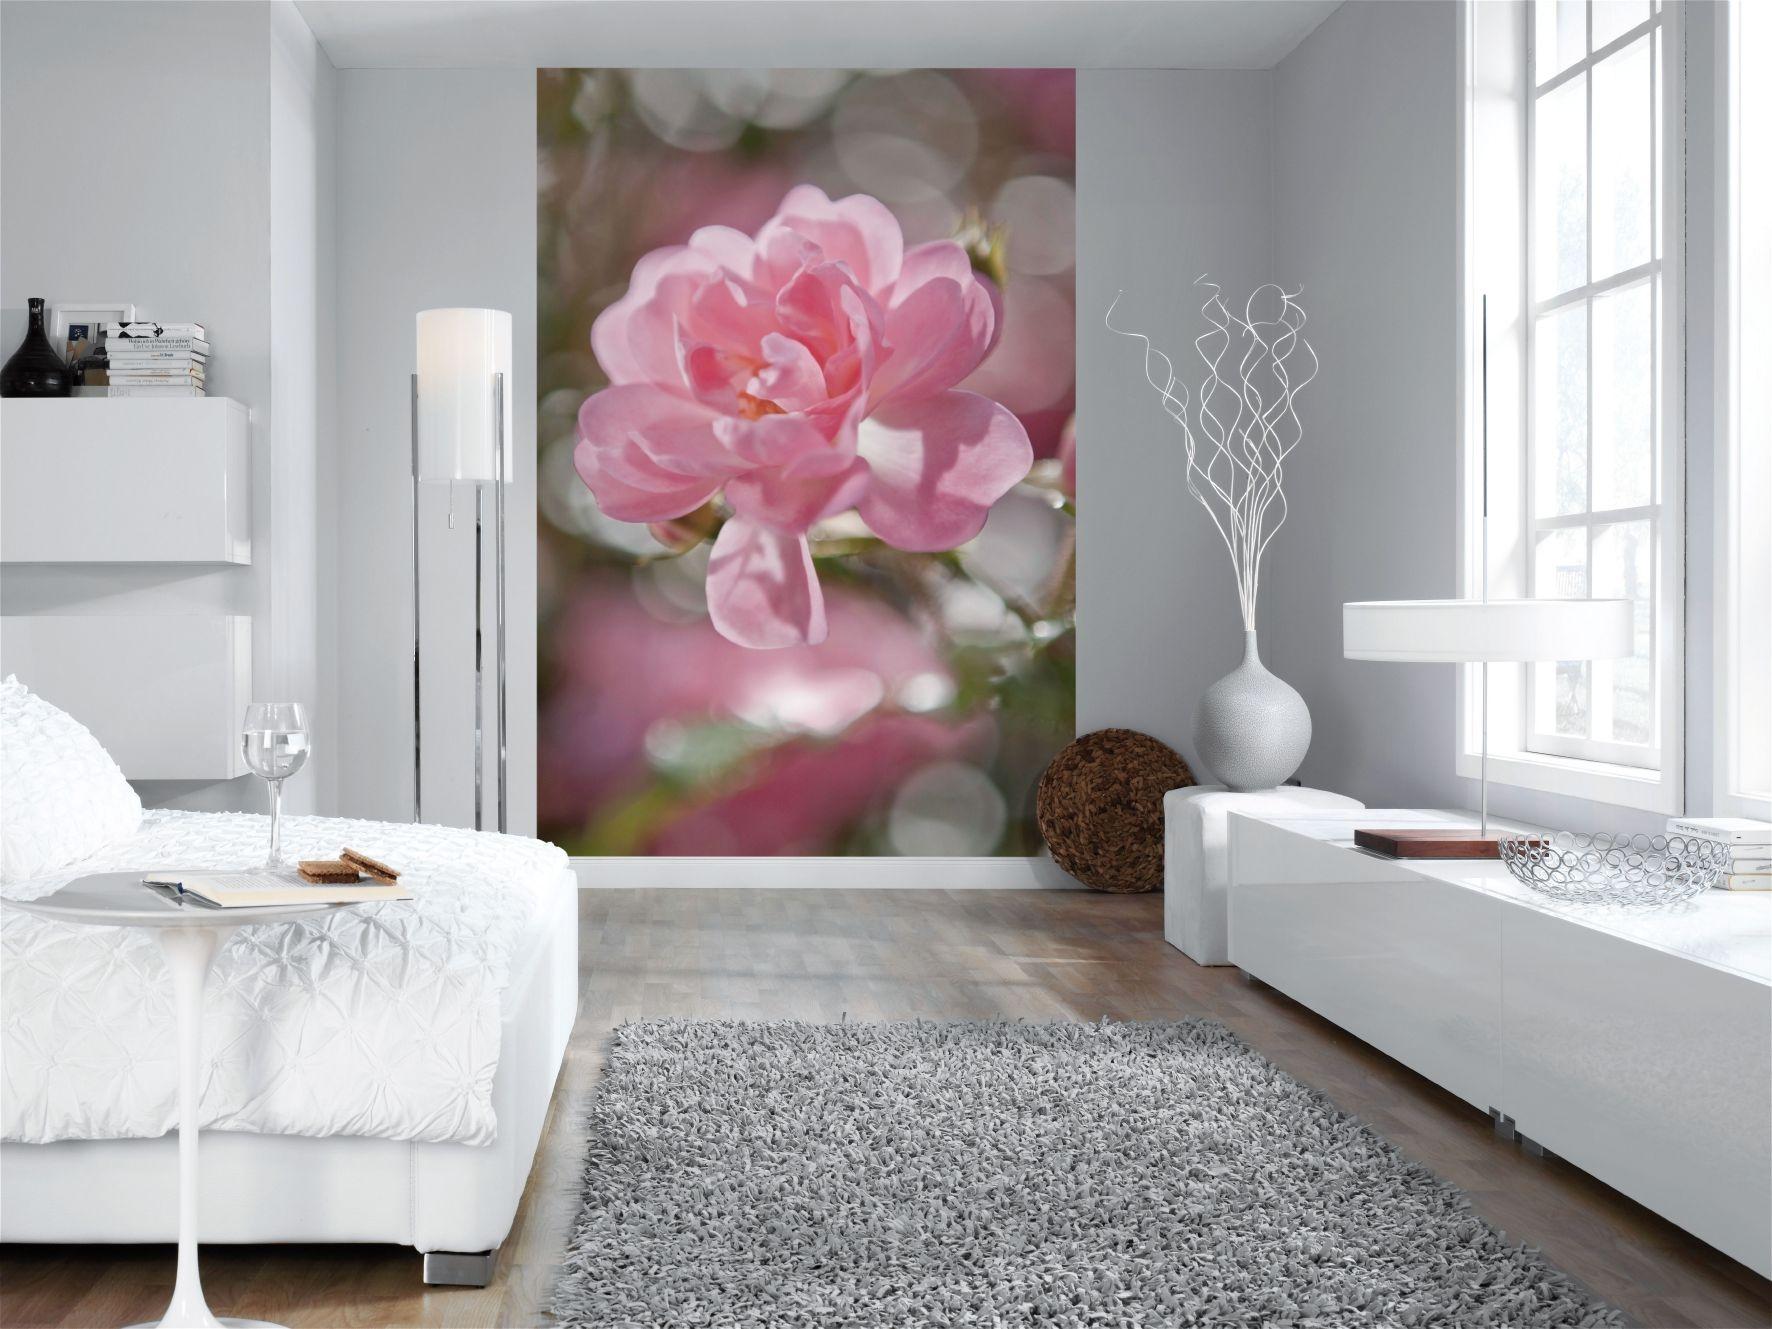 Цветы на стене в интерьере в спальне